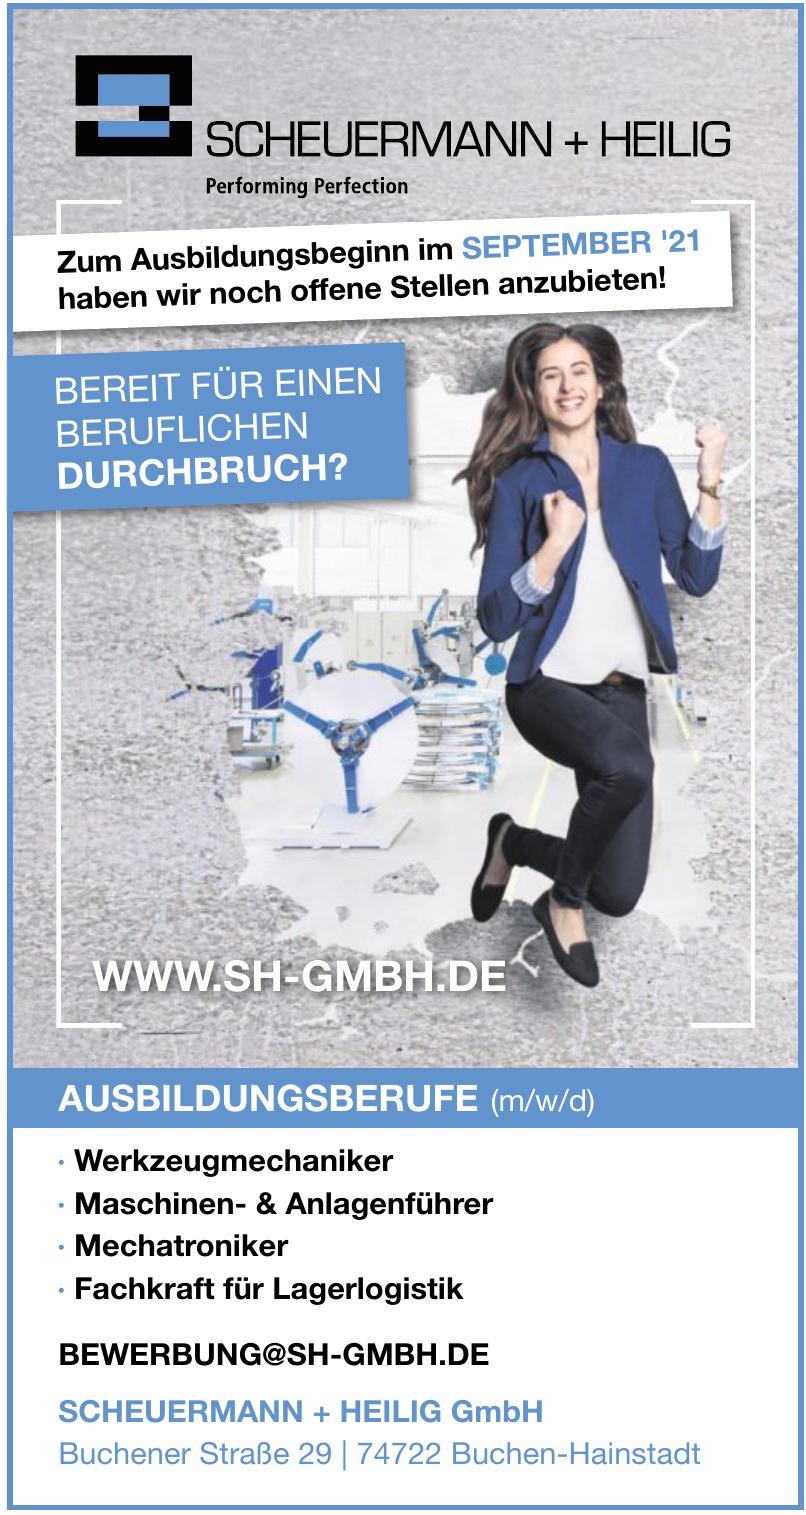 Scheuermann + Heilig GmbH